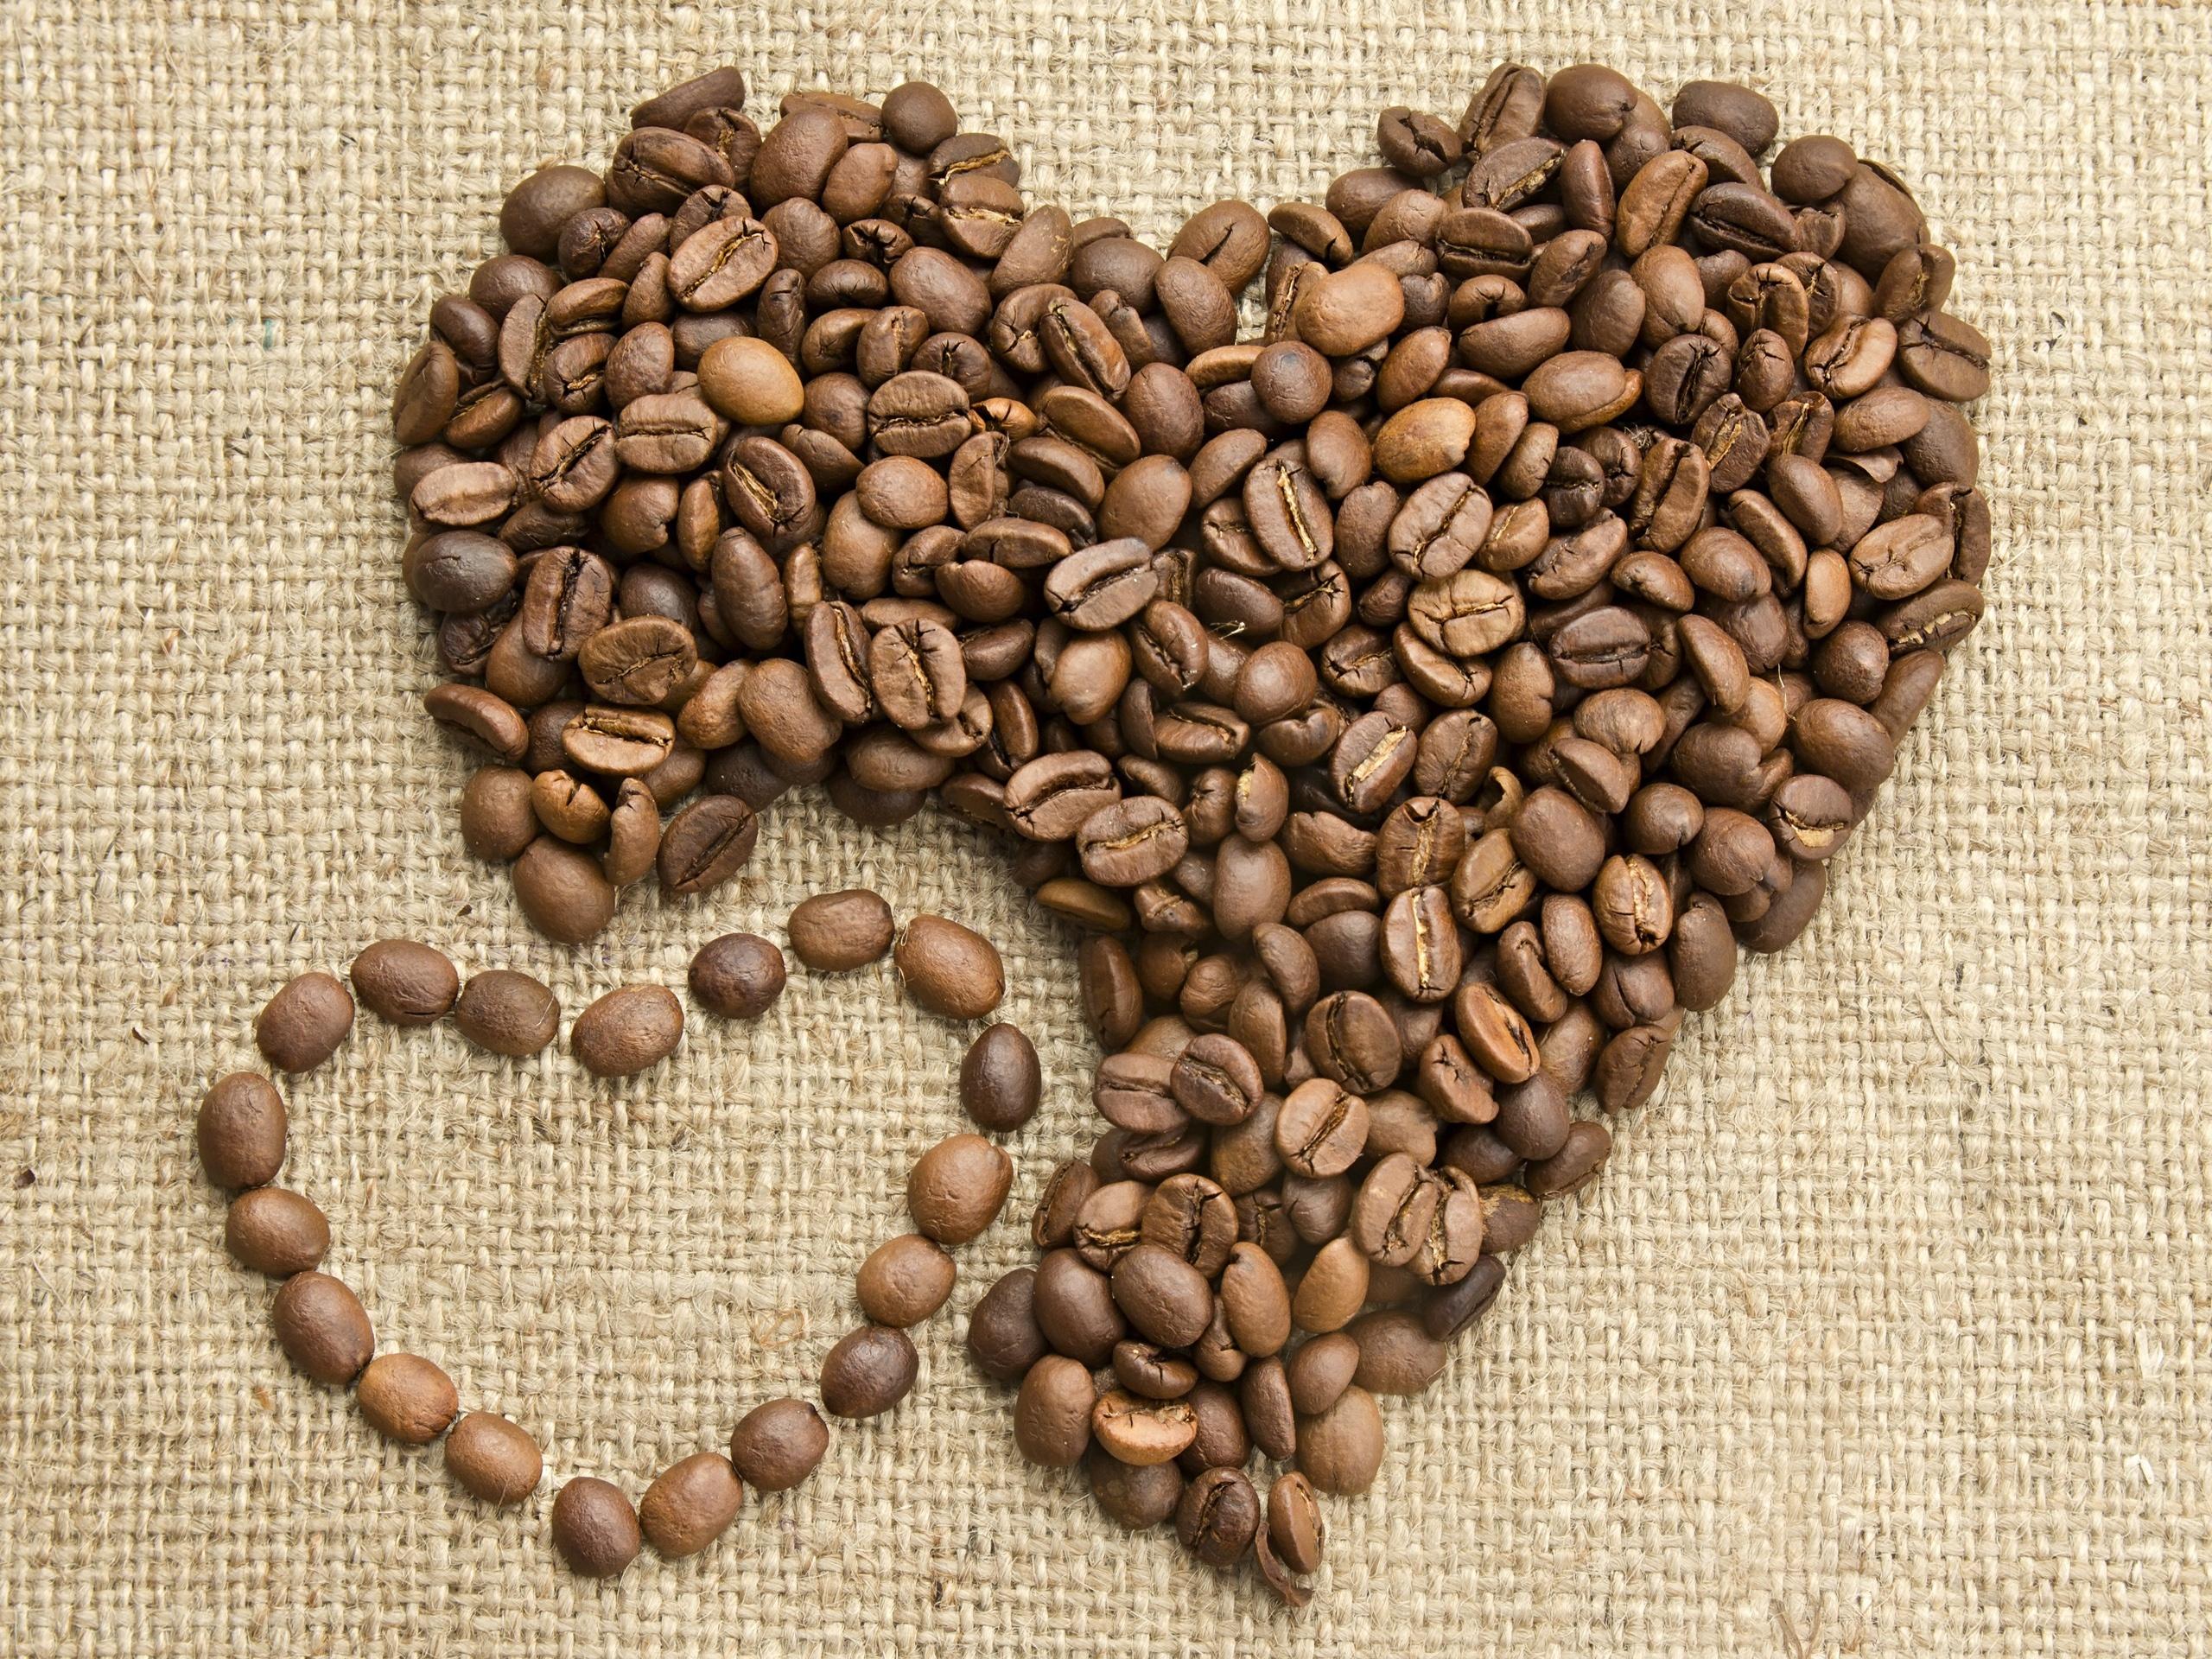 кофейные зерна мешковина ткань  № 3696117  скачать